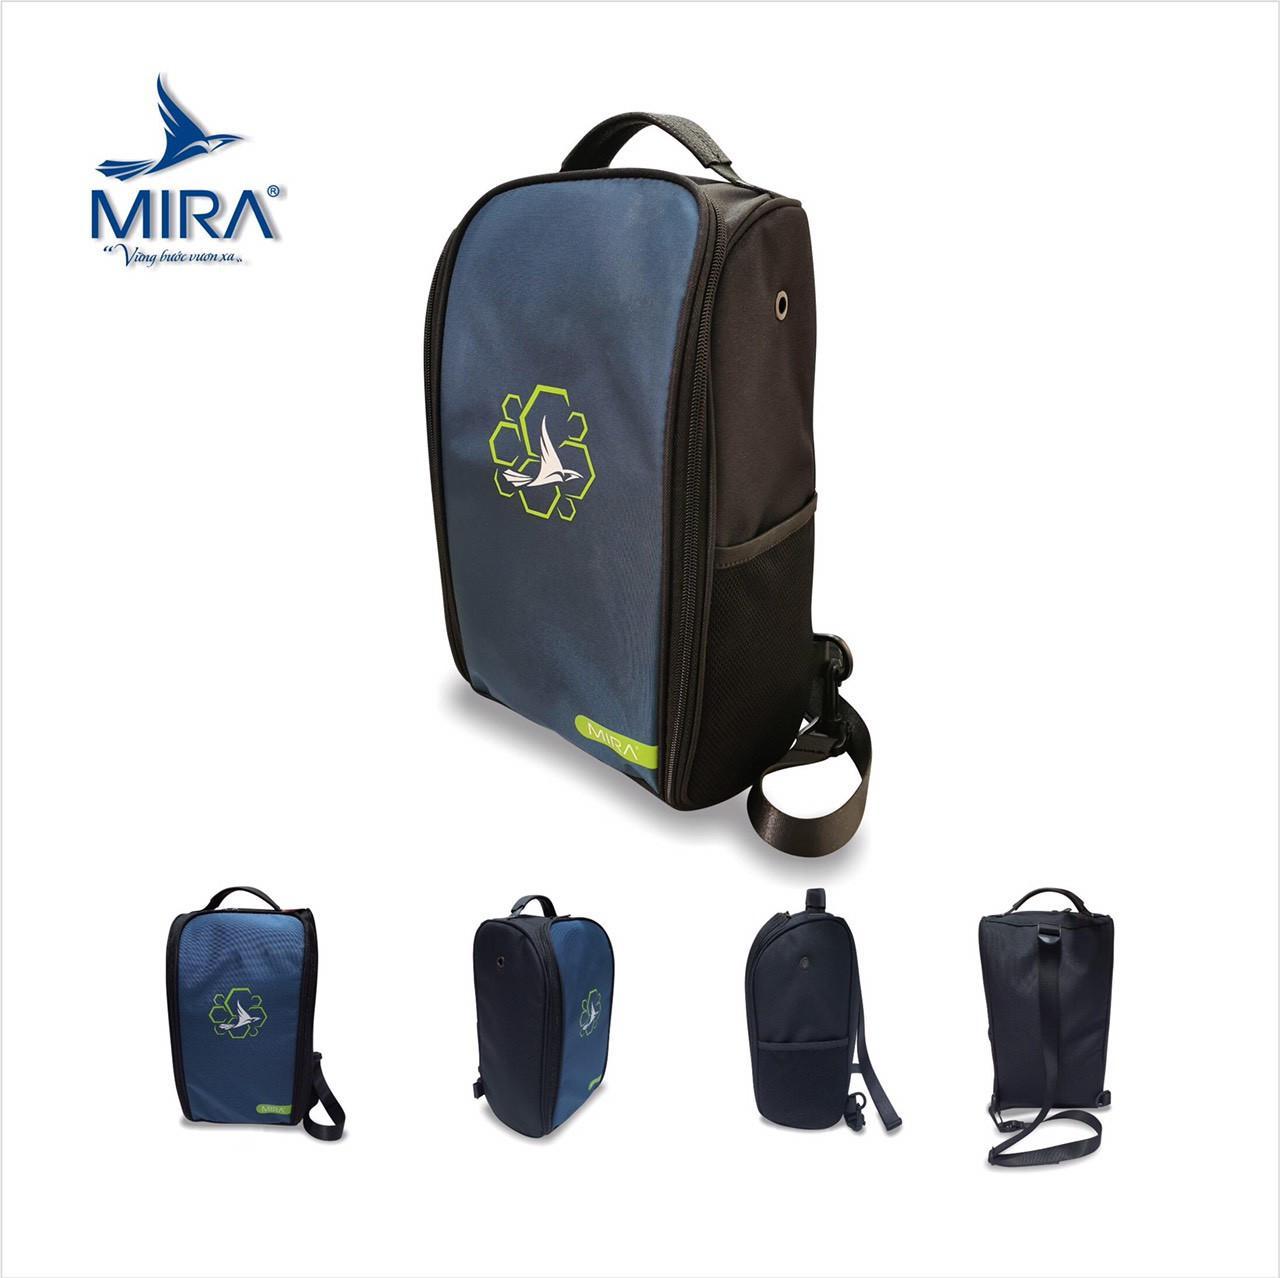 Túi đeo chéo thể thao Mira cao cấp màu xanh